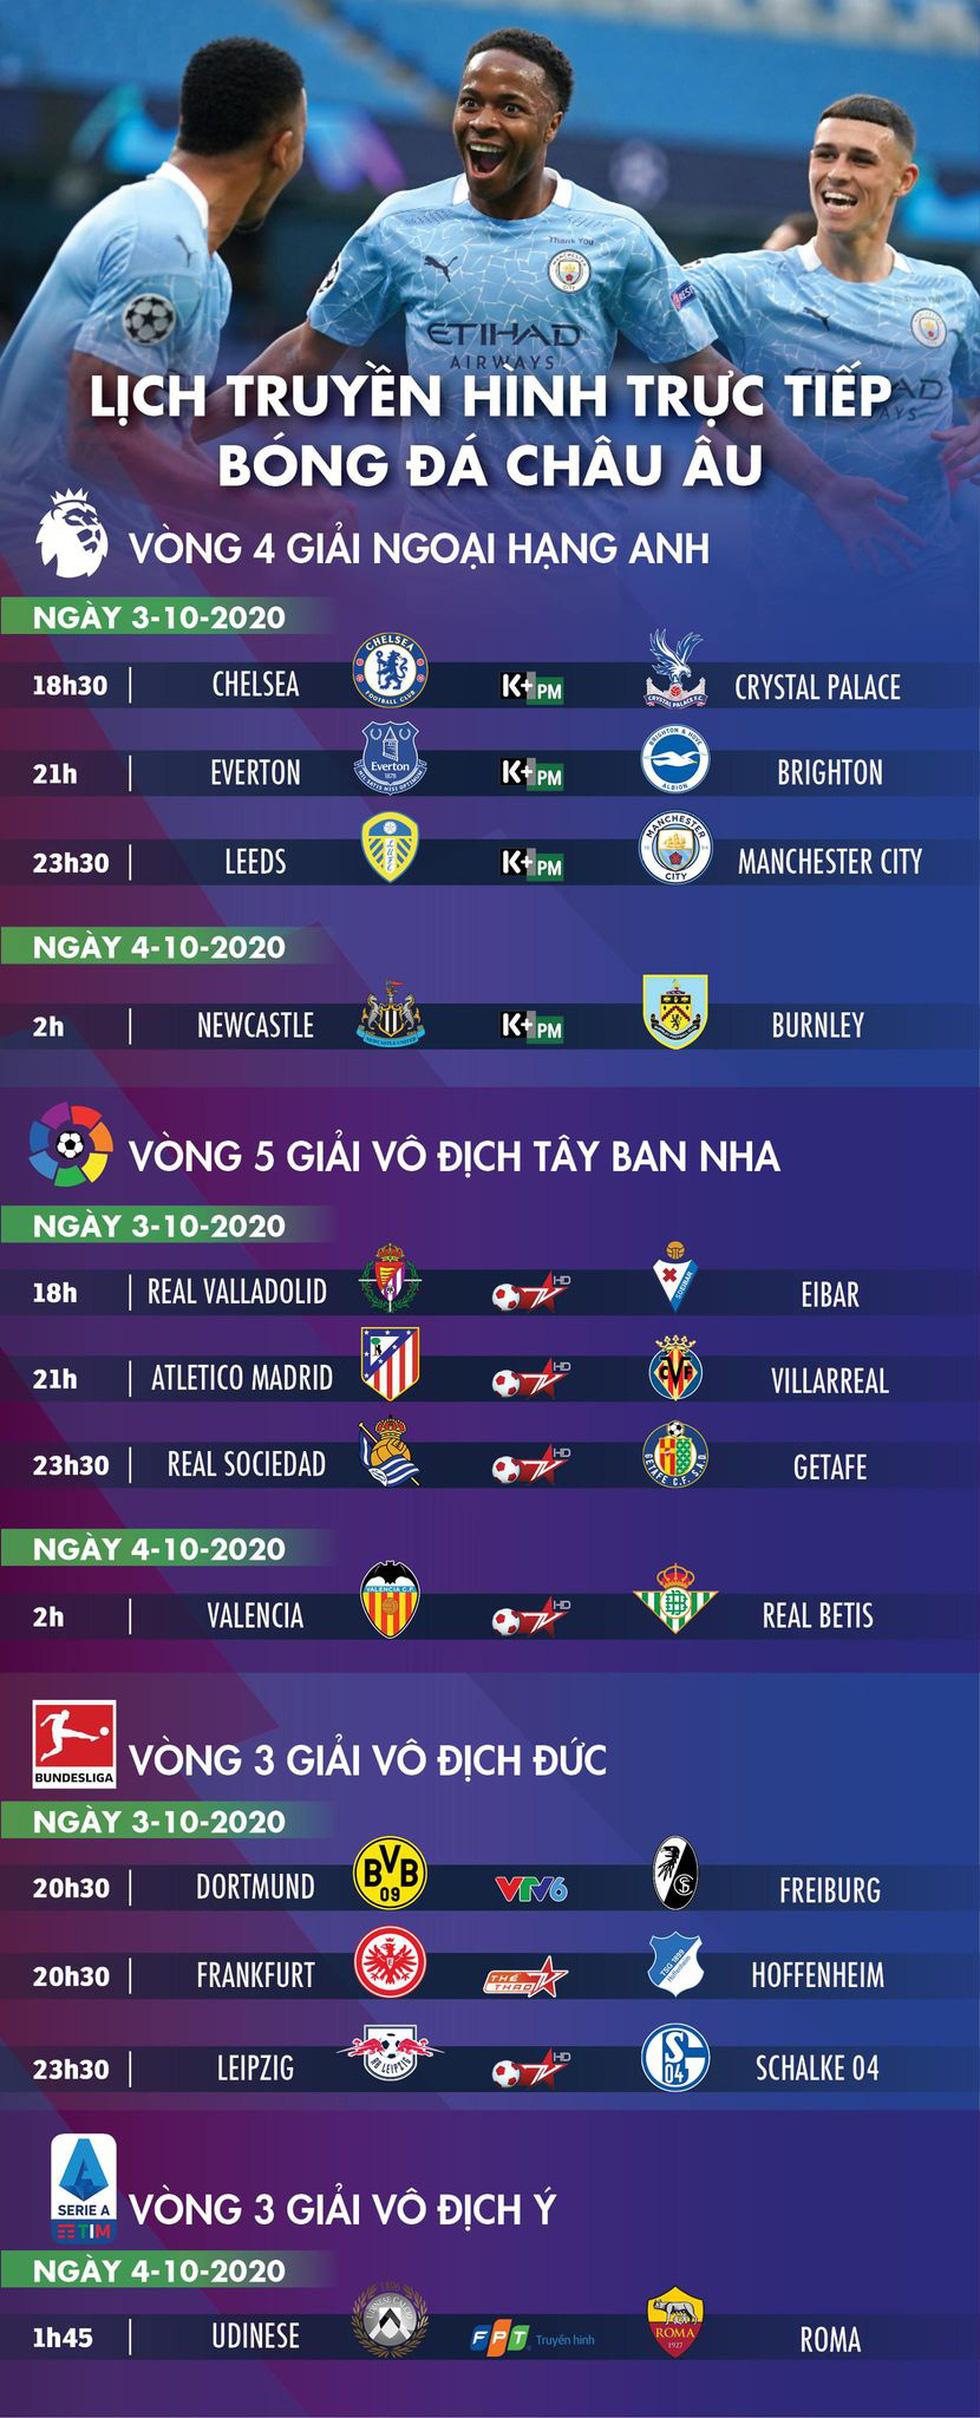 Lịch trực tiếp bóng đá châu Âu 3-10: Leeds gặp Man City - Ảnh 1.